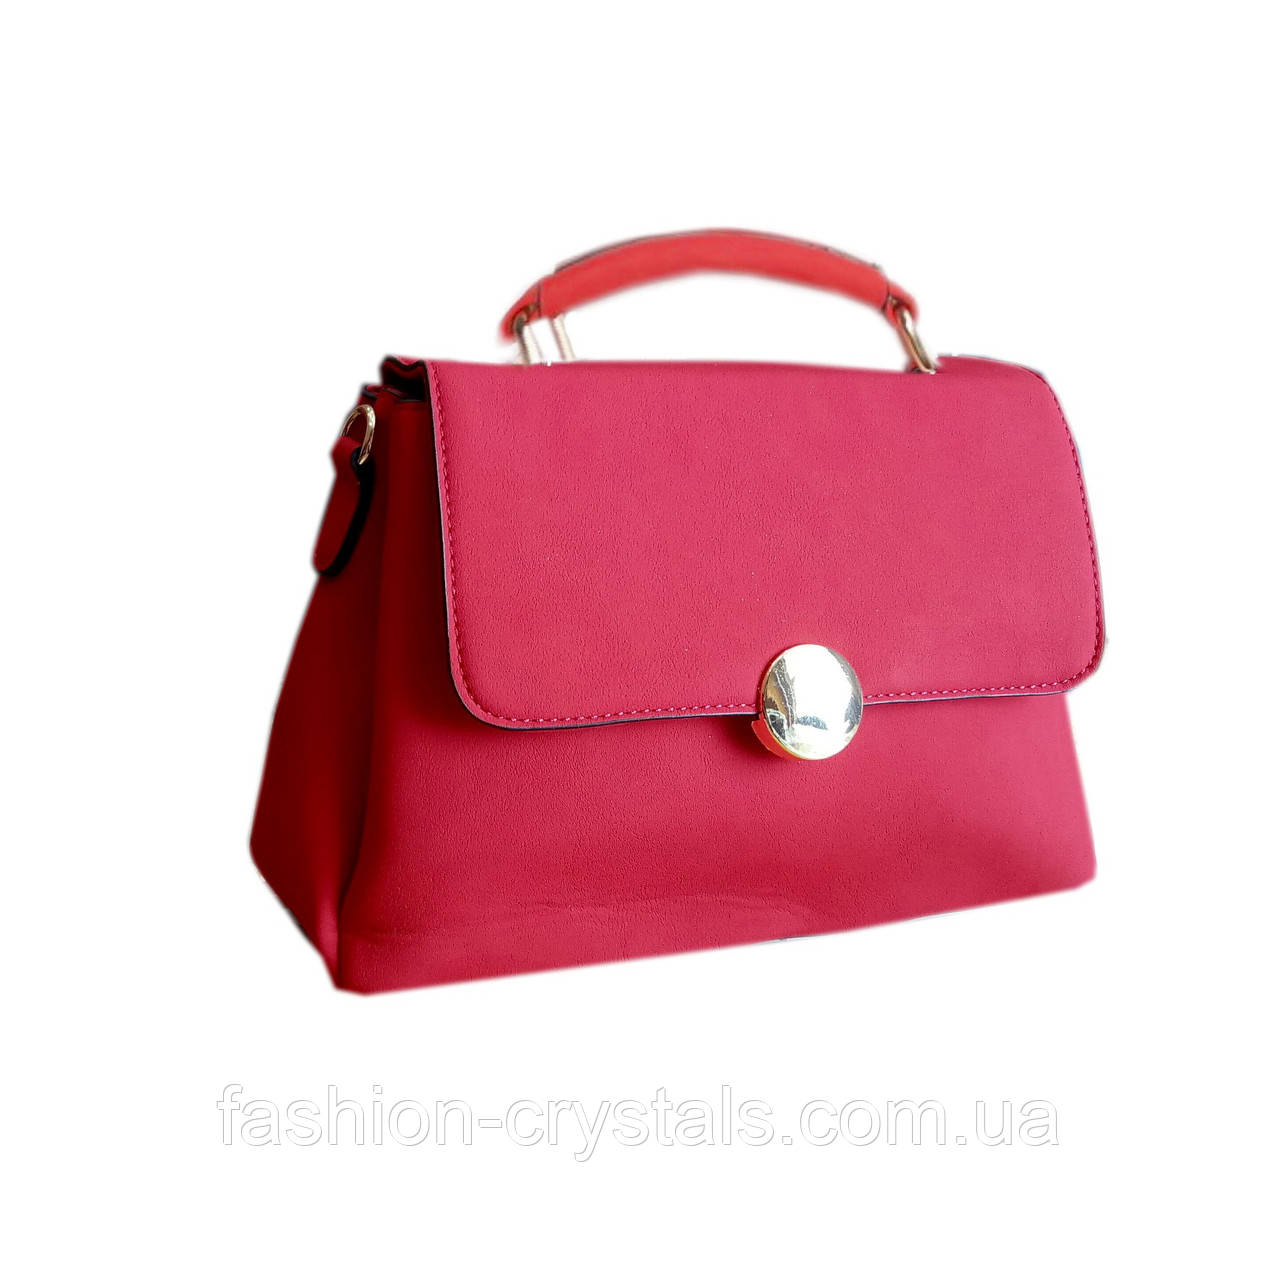 Женская сумка Sofi